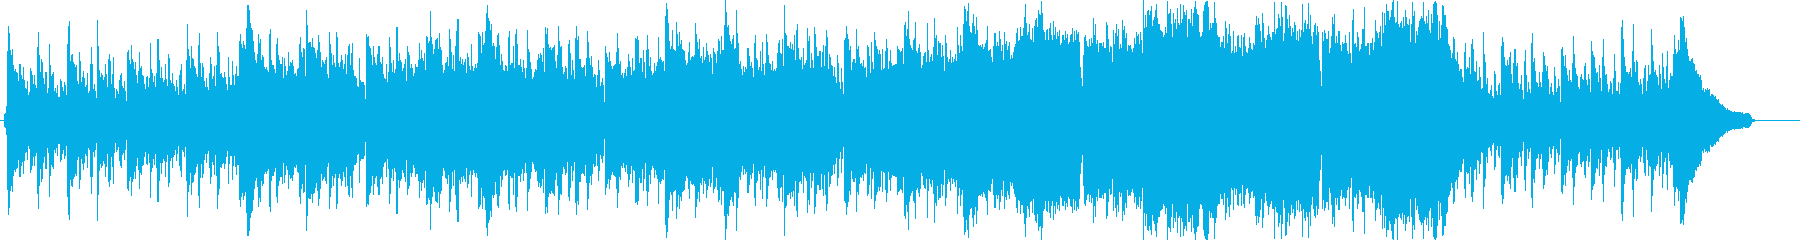 企業VPや映像69、オーケストラ、壮大bの再生済みの波形